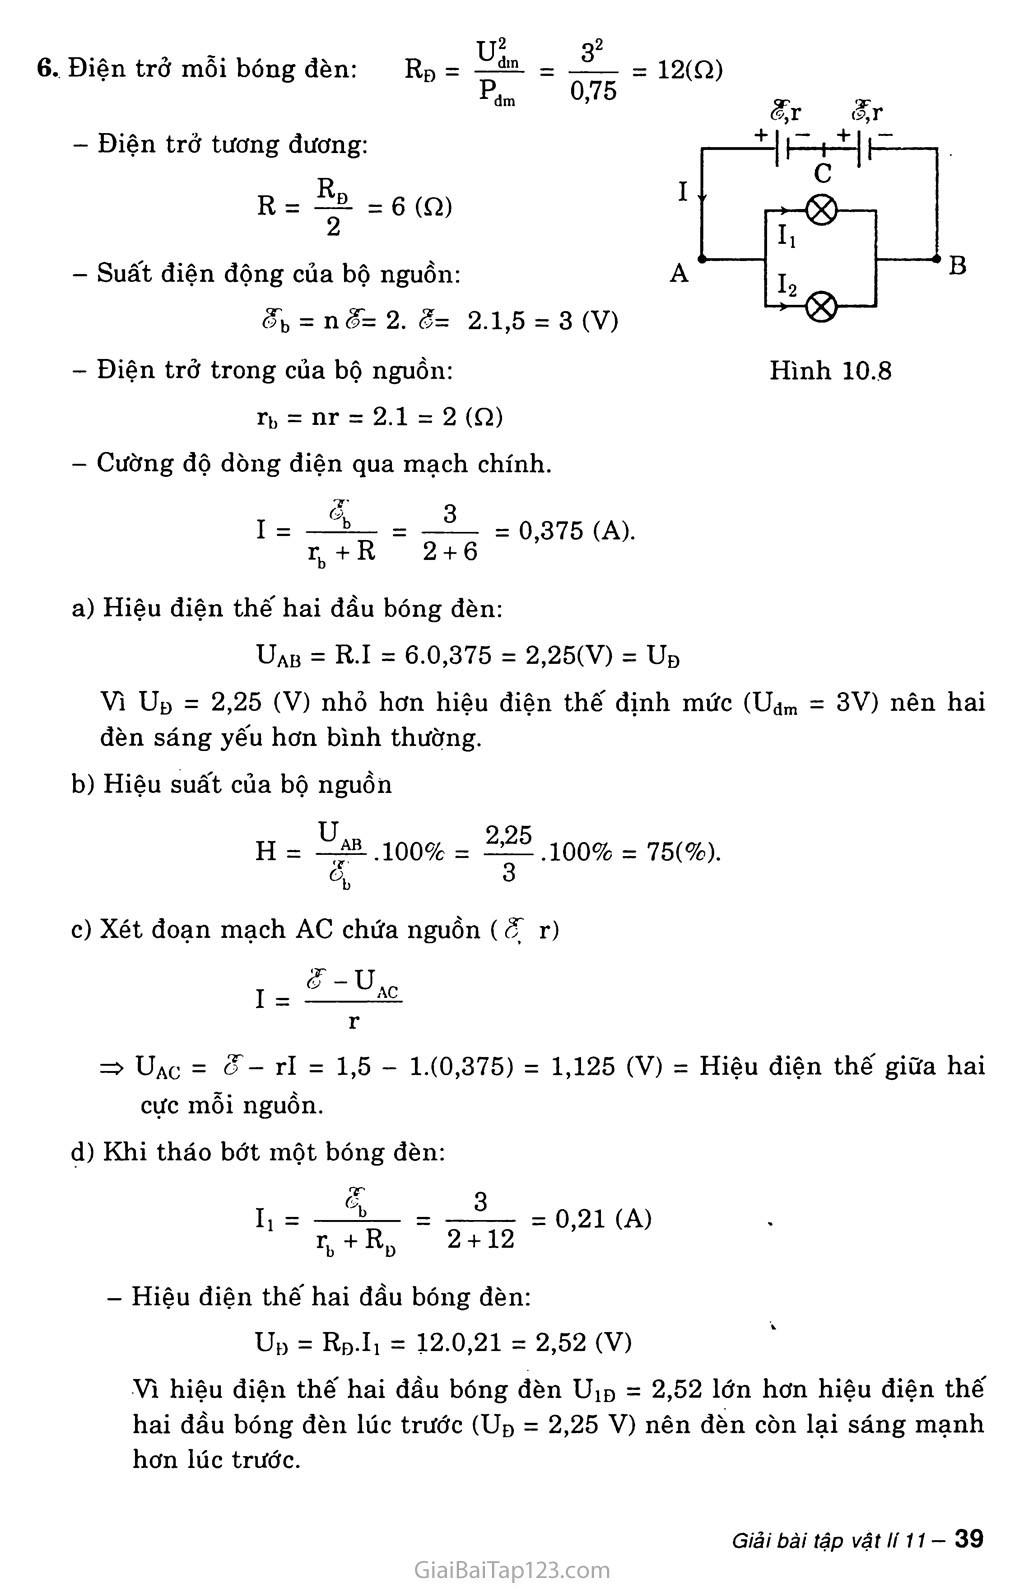 Bài 10: Ghép các nguồn điện thành bộ trang 5